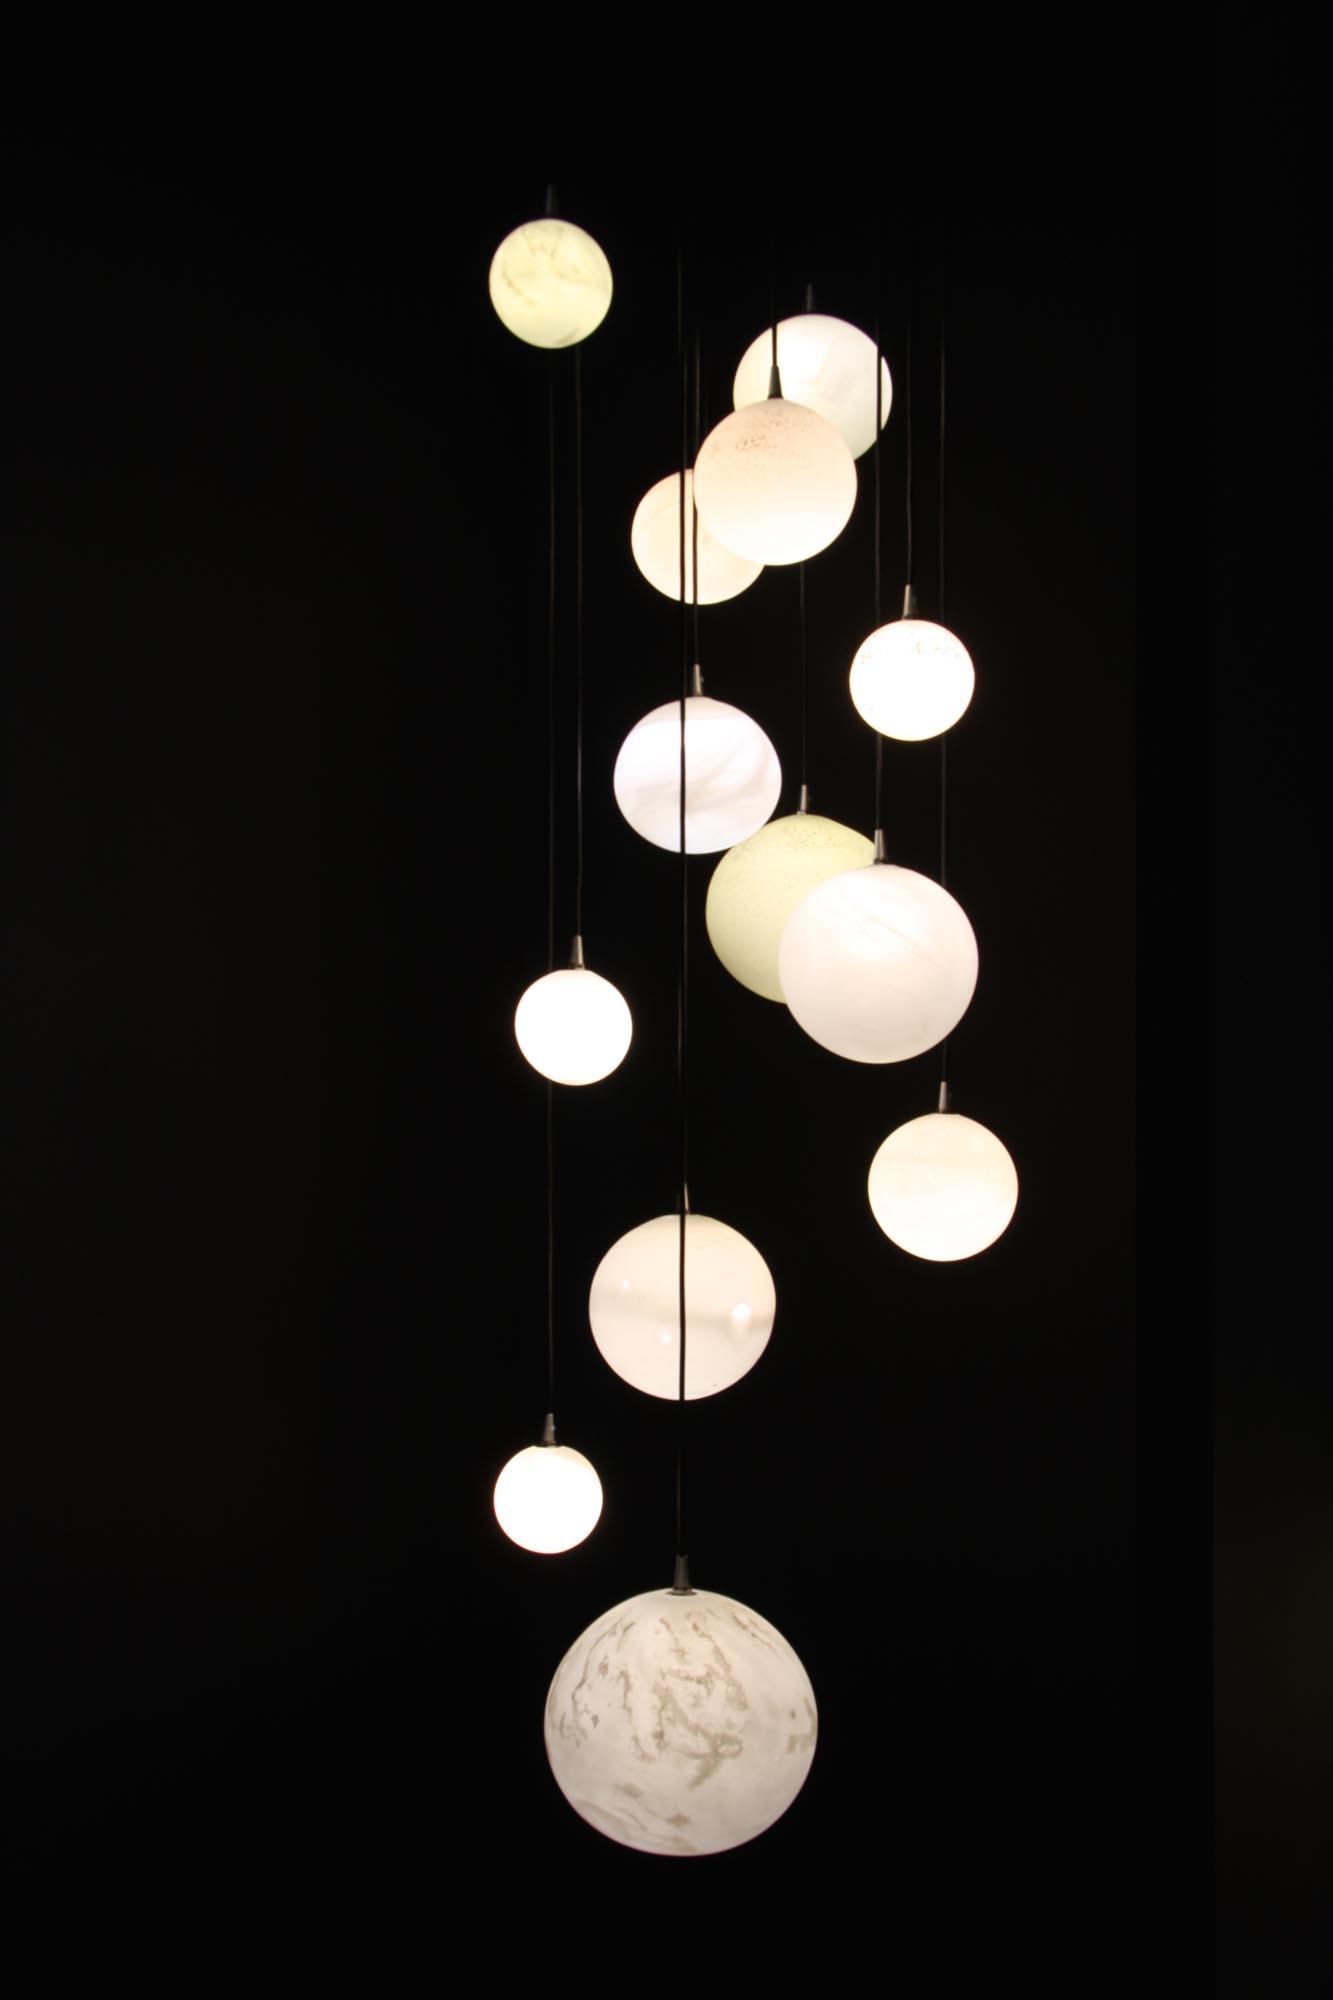 13 Planètes chandelier on a black round plate, H 1-2m x diam. 65cm